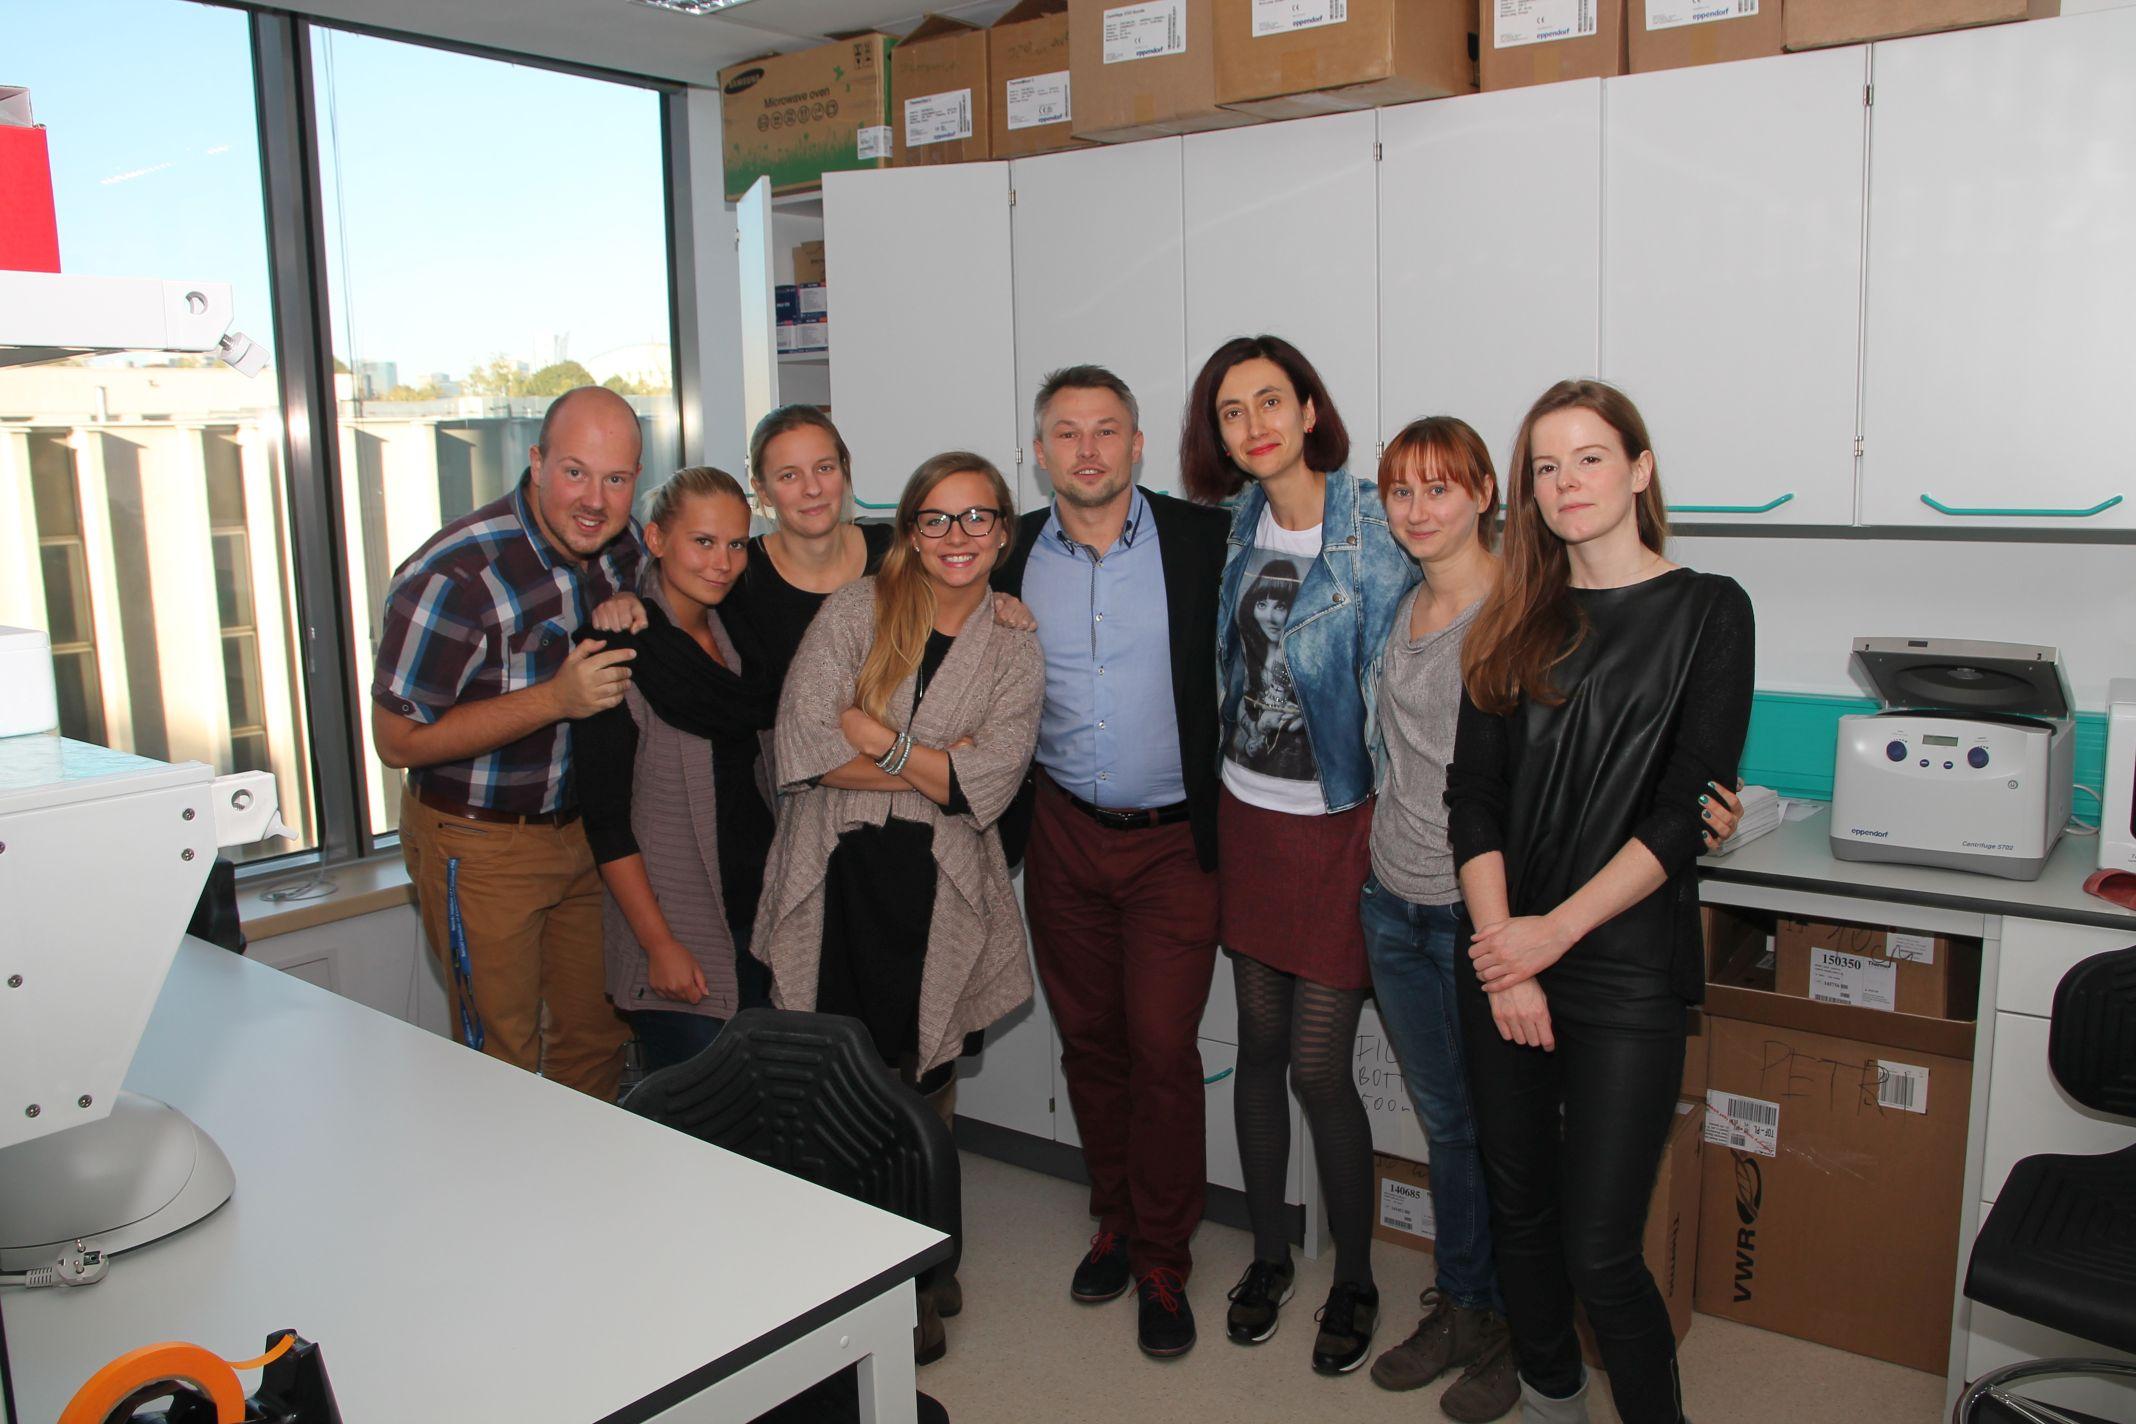 The Proszynski lab visiting